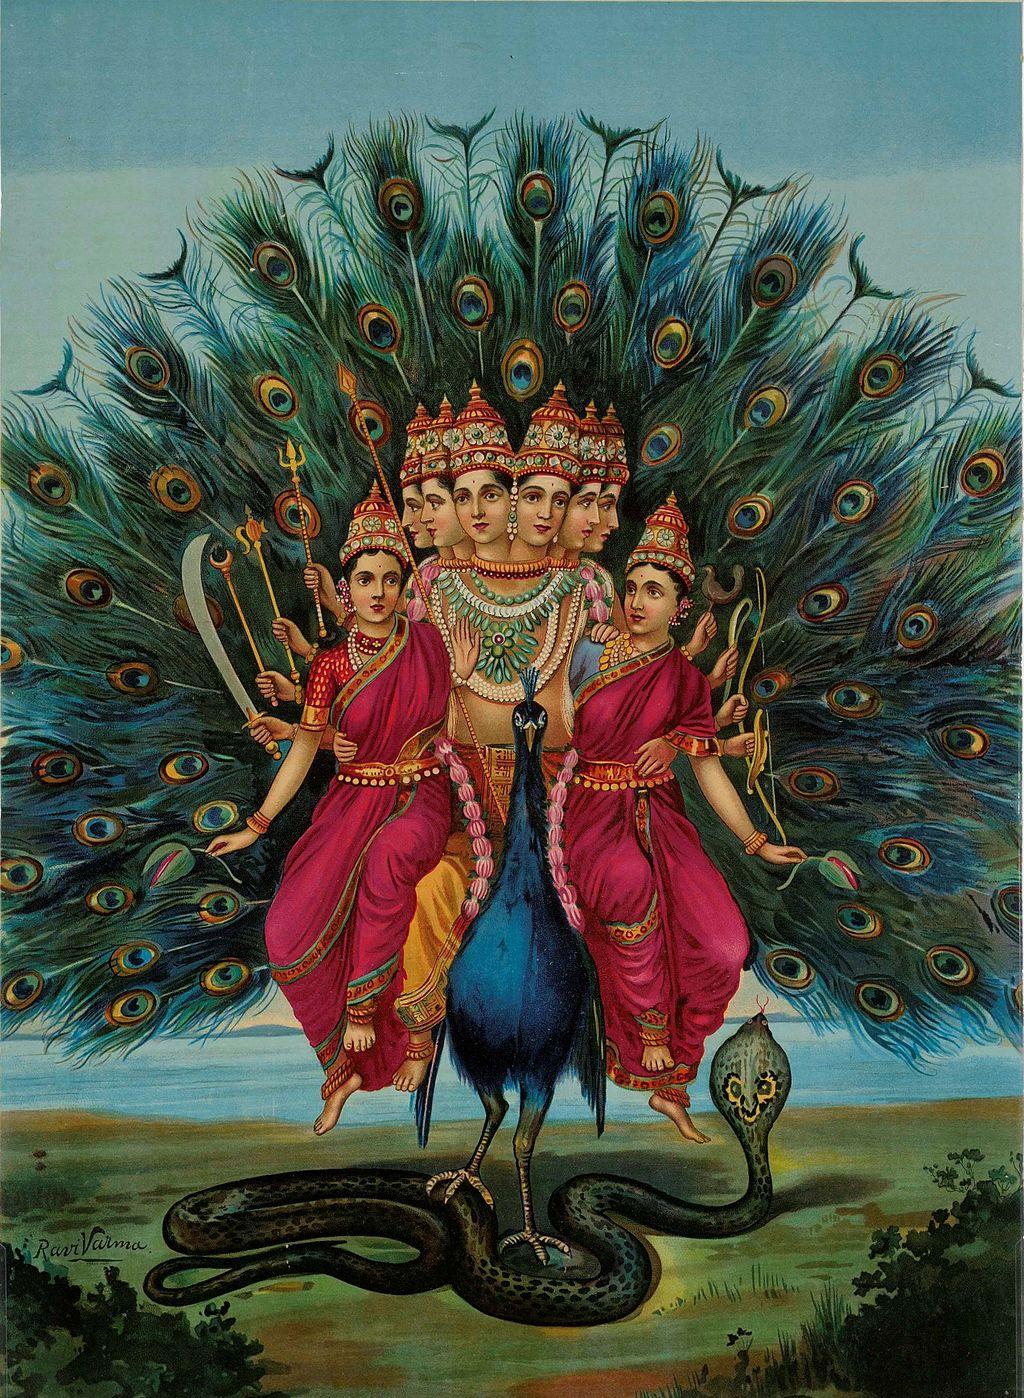 Kartikeya, Deidad de la India